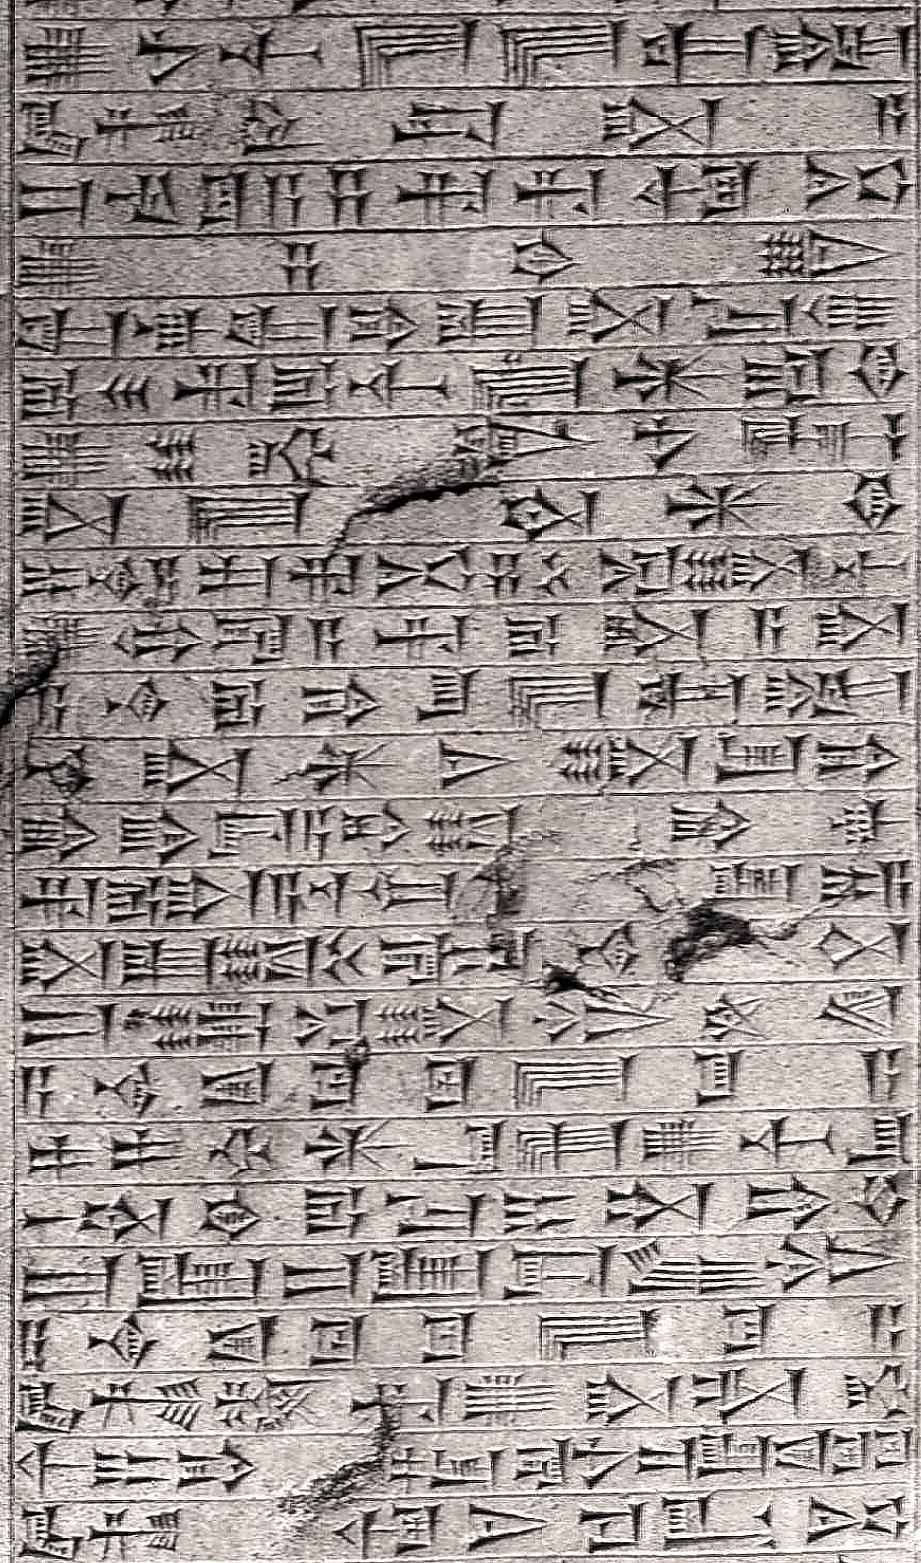 Akkadian language